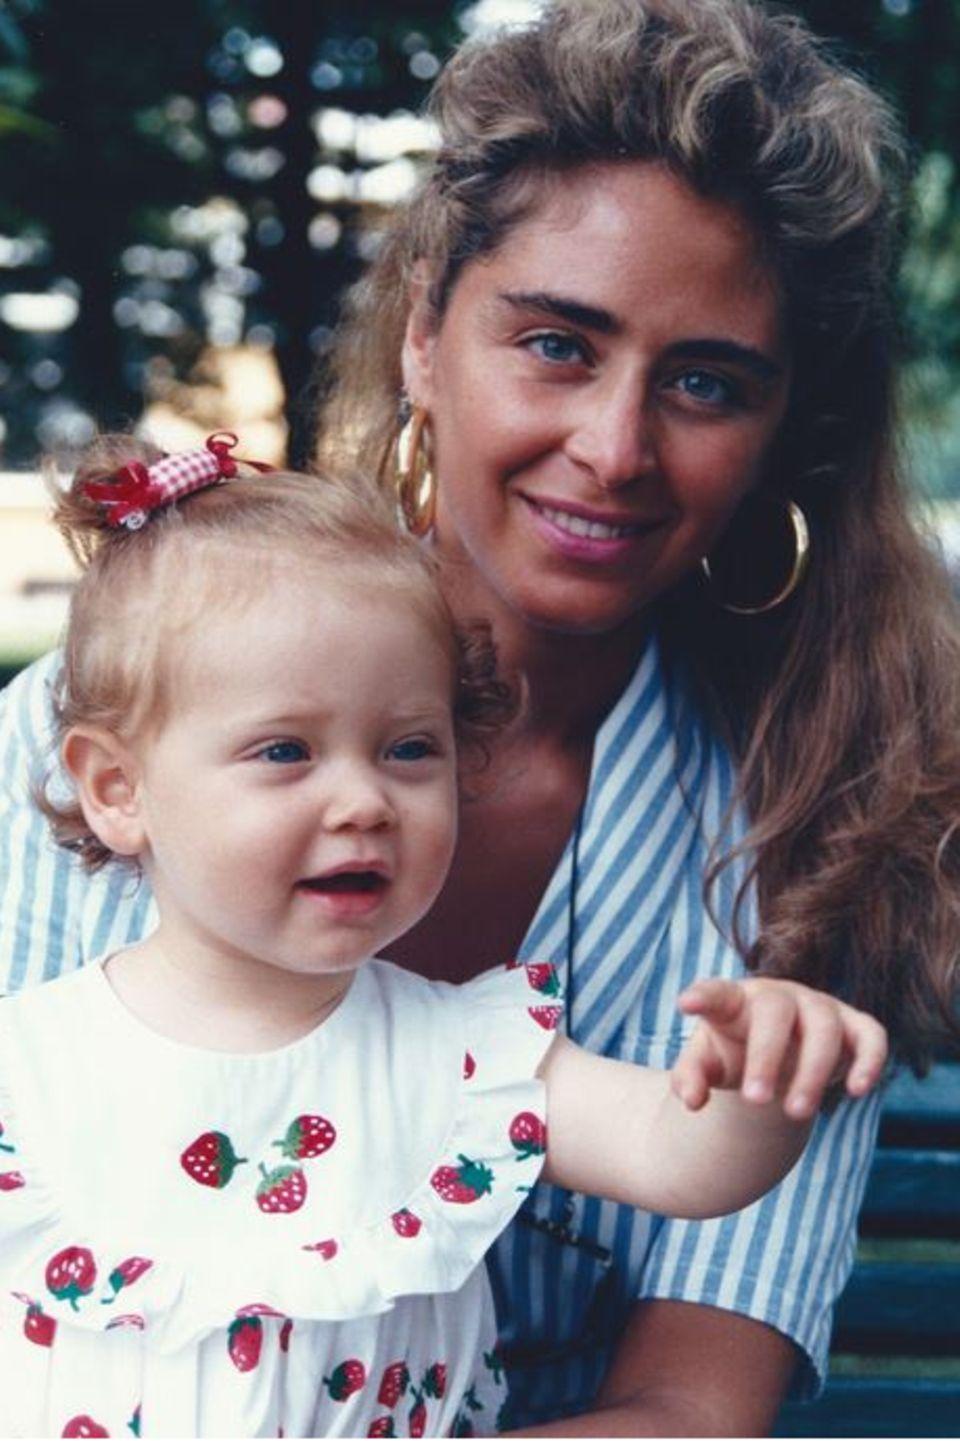 Chiara Ferragni hat die guten Gene auf jeden Fall von ihrer MutterMarina di Guardo geerbt. Auf Instagram gratuliert die Star-Bloggerin ihrer Mama mit diesem alten Familien-Schnappschuss herzlich zum Geburtstag.